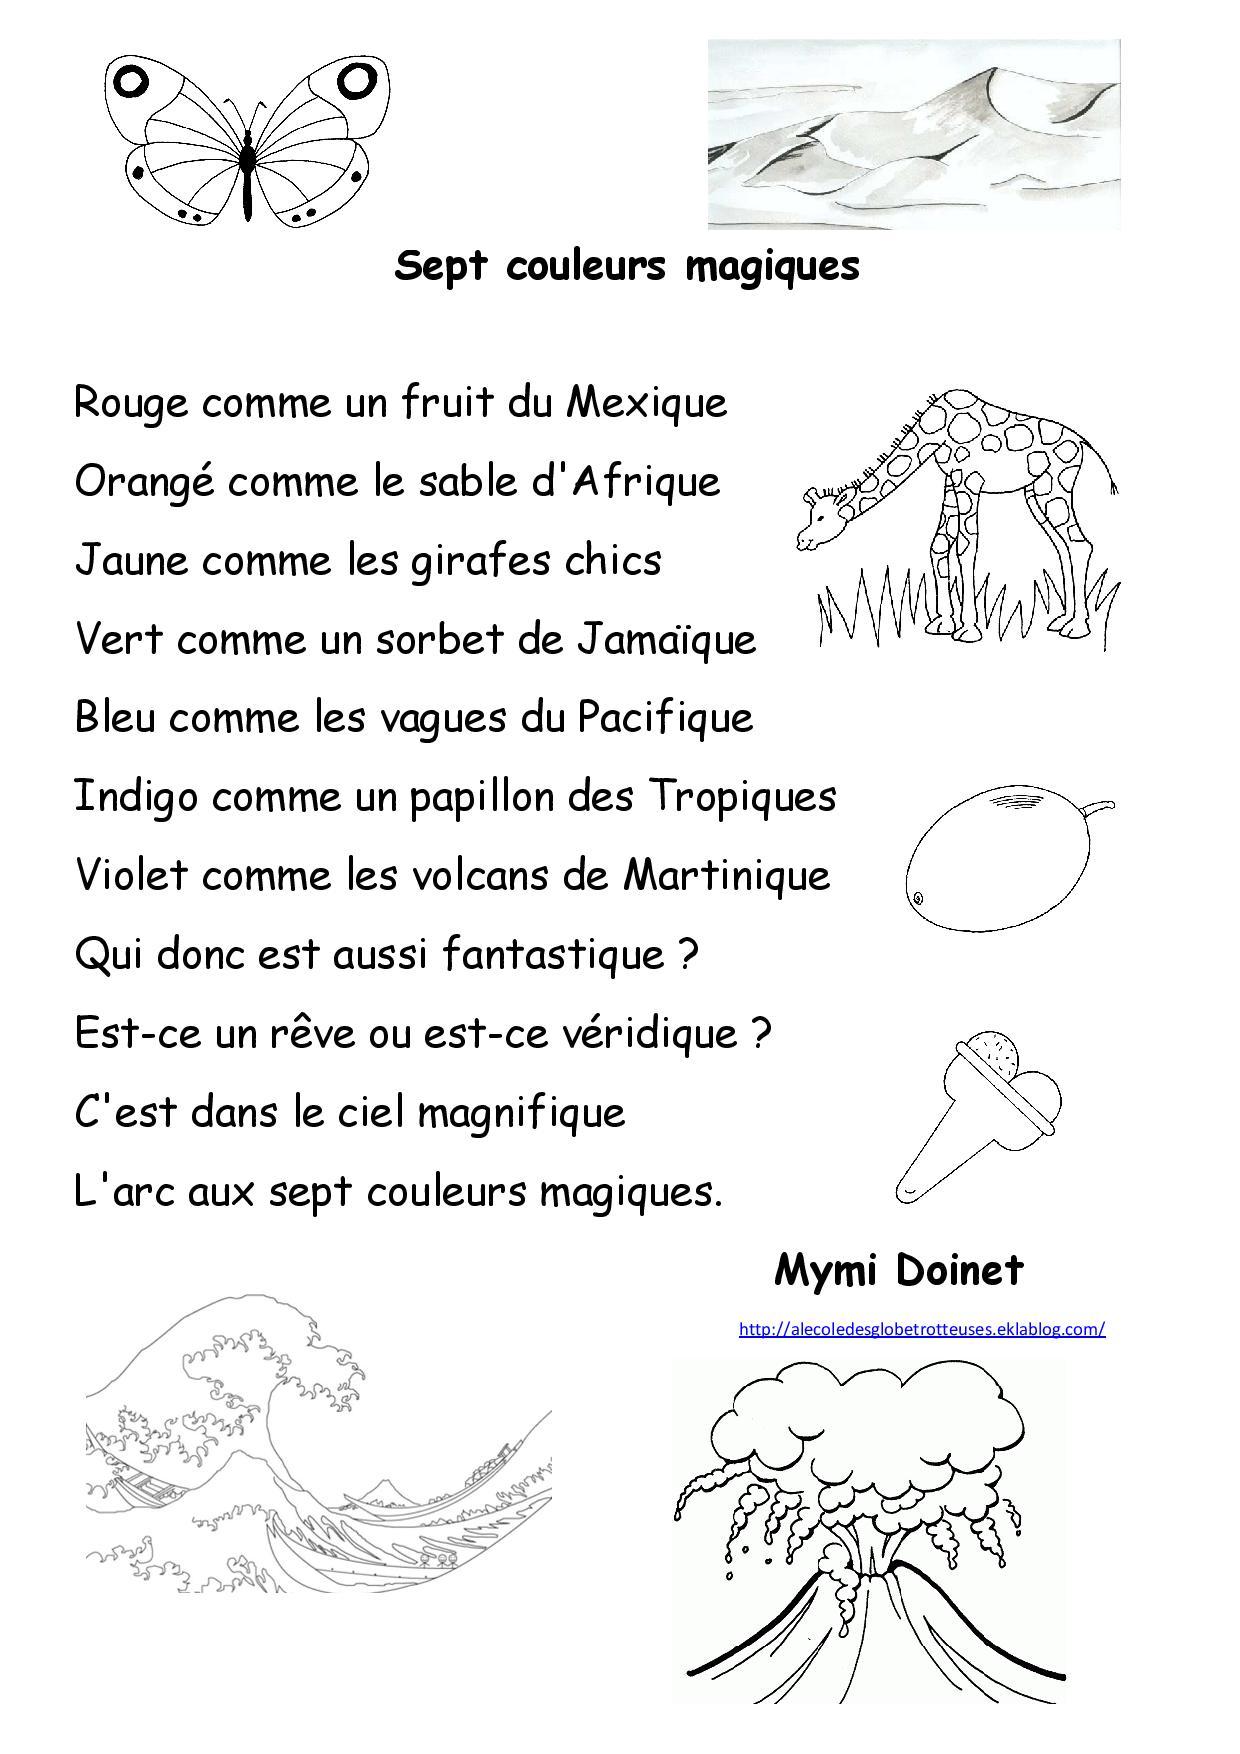 poesie 7 couleurs magiques